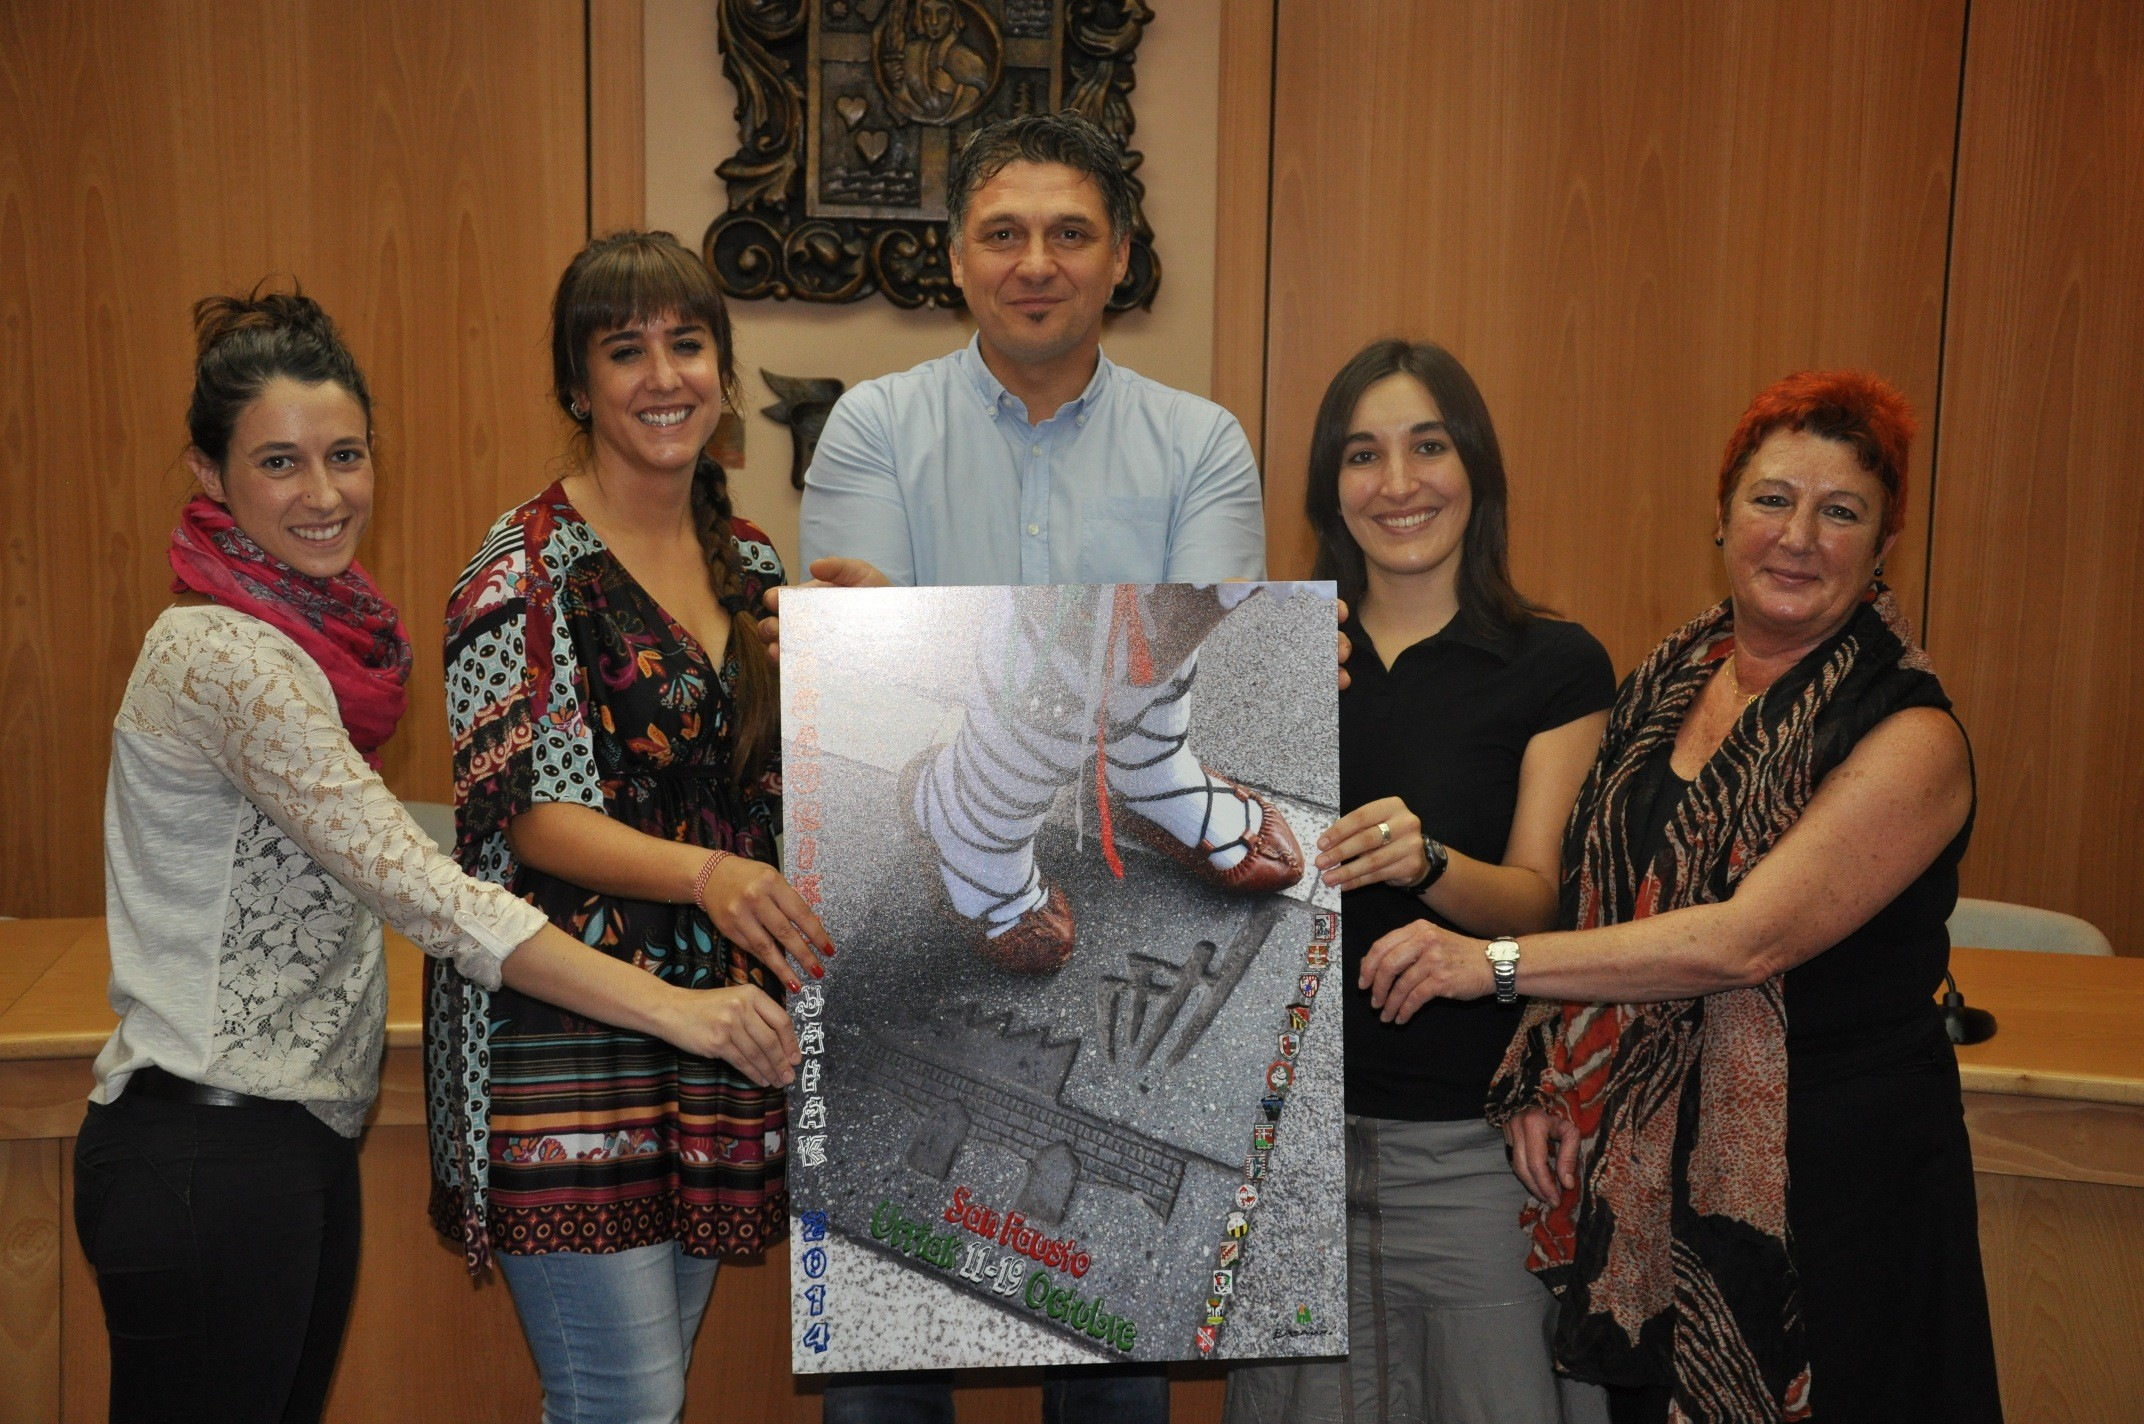 Representantes del Ayuntamiento y Herriko Taldeak en la presentación del programa. Foto: Ayuntamiento de Basauri